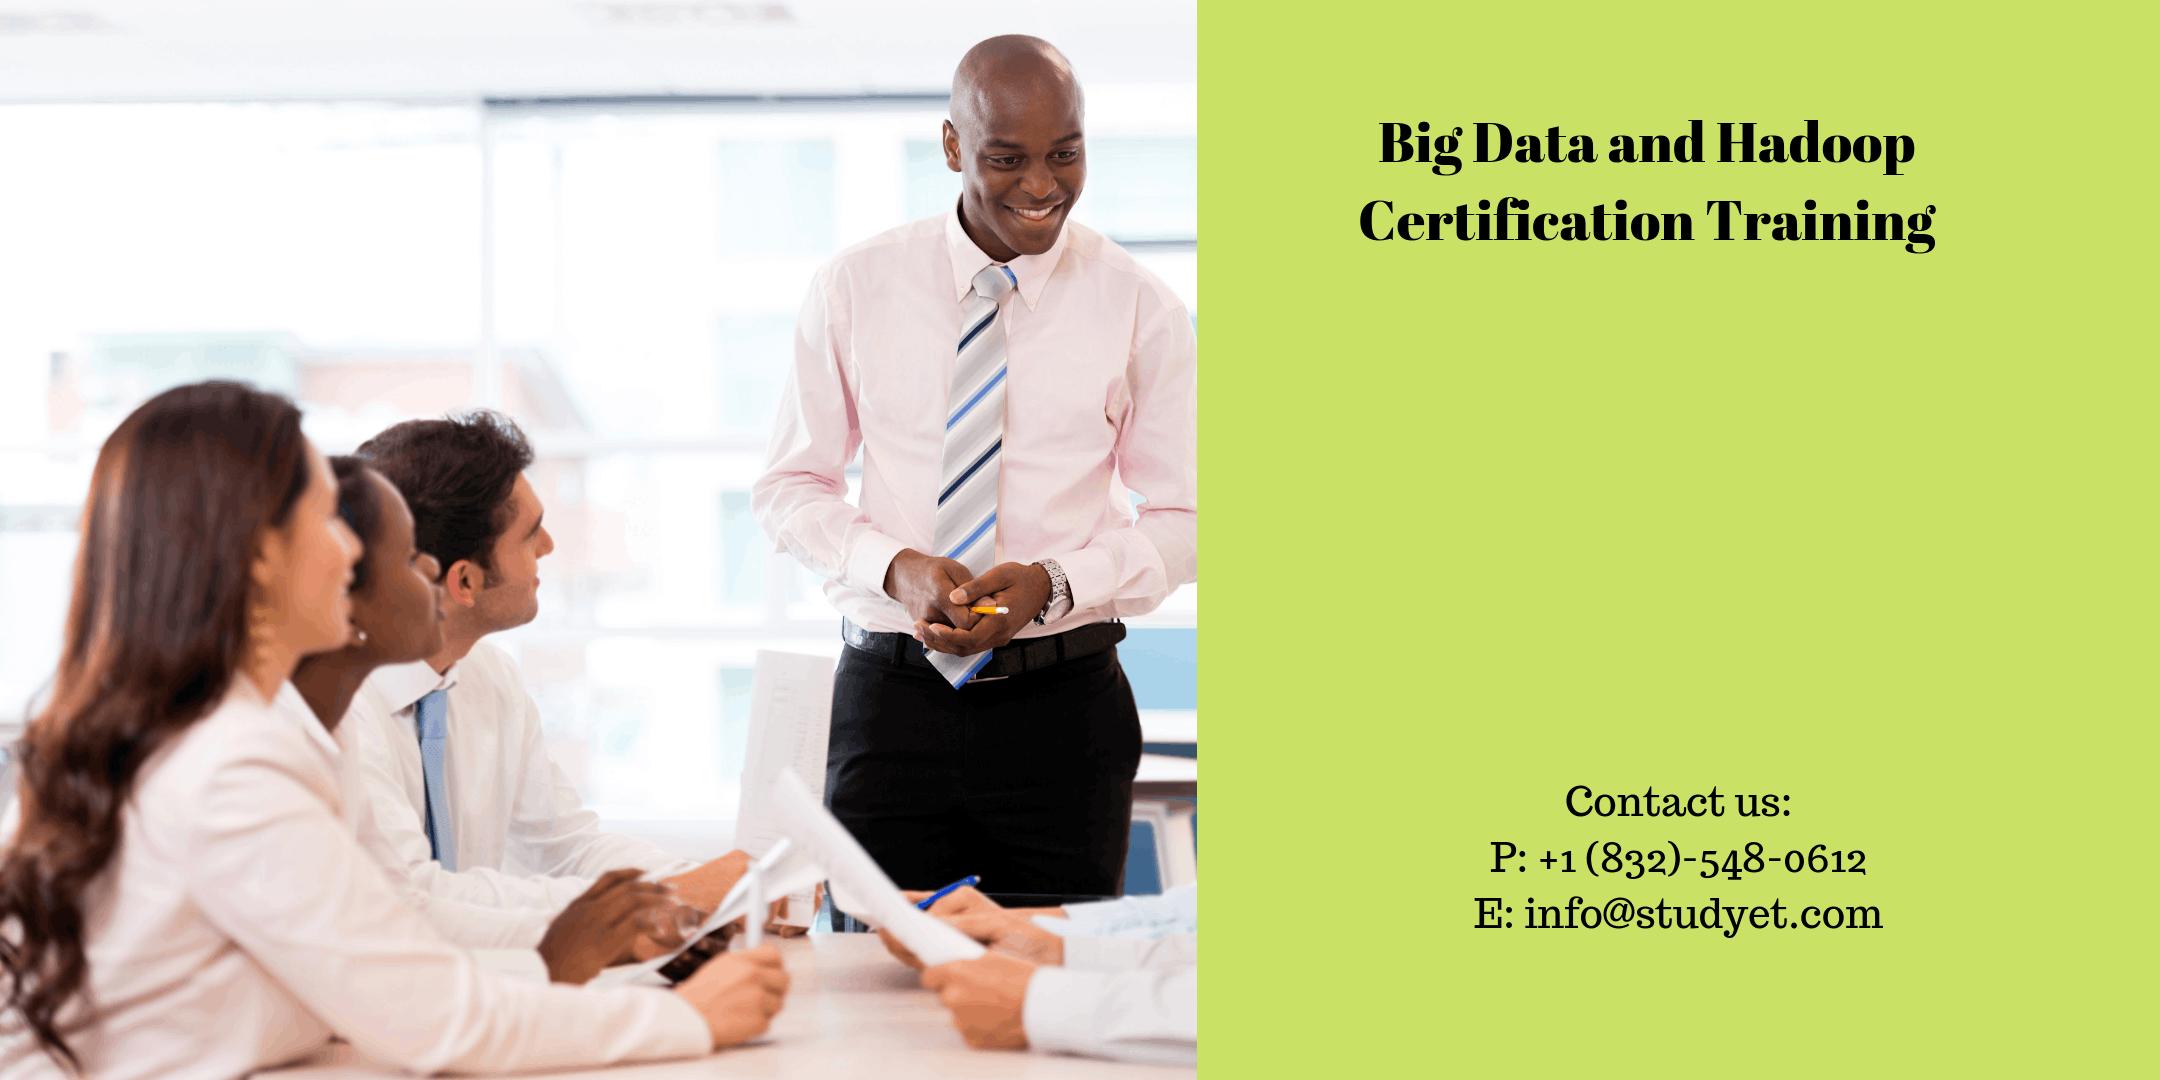 Big Data & Hadoop Developer Certification Training in Corvallis, OR